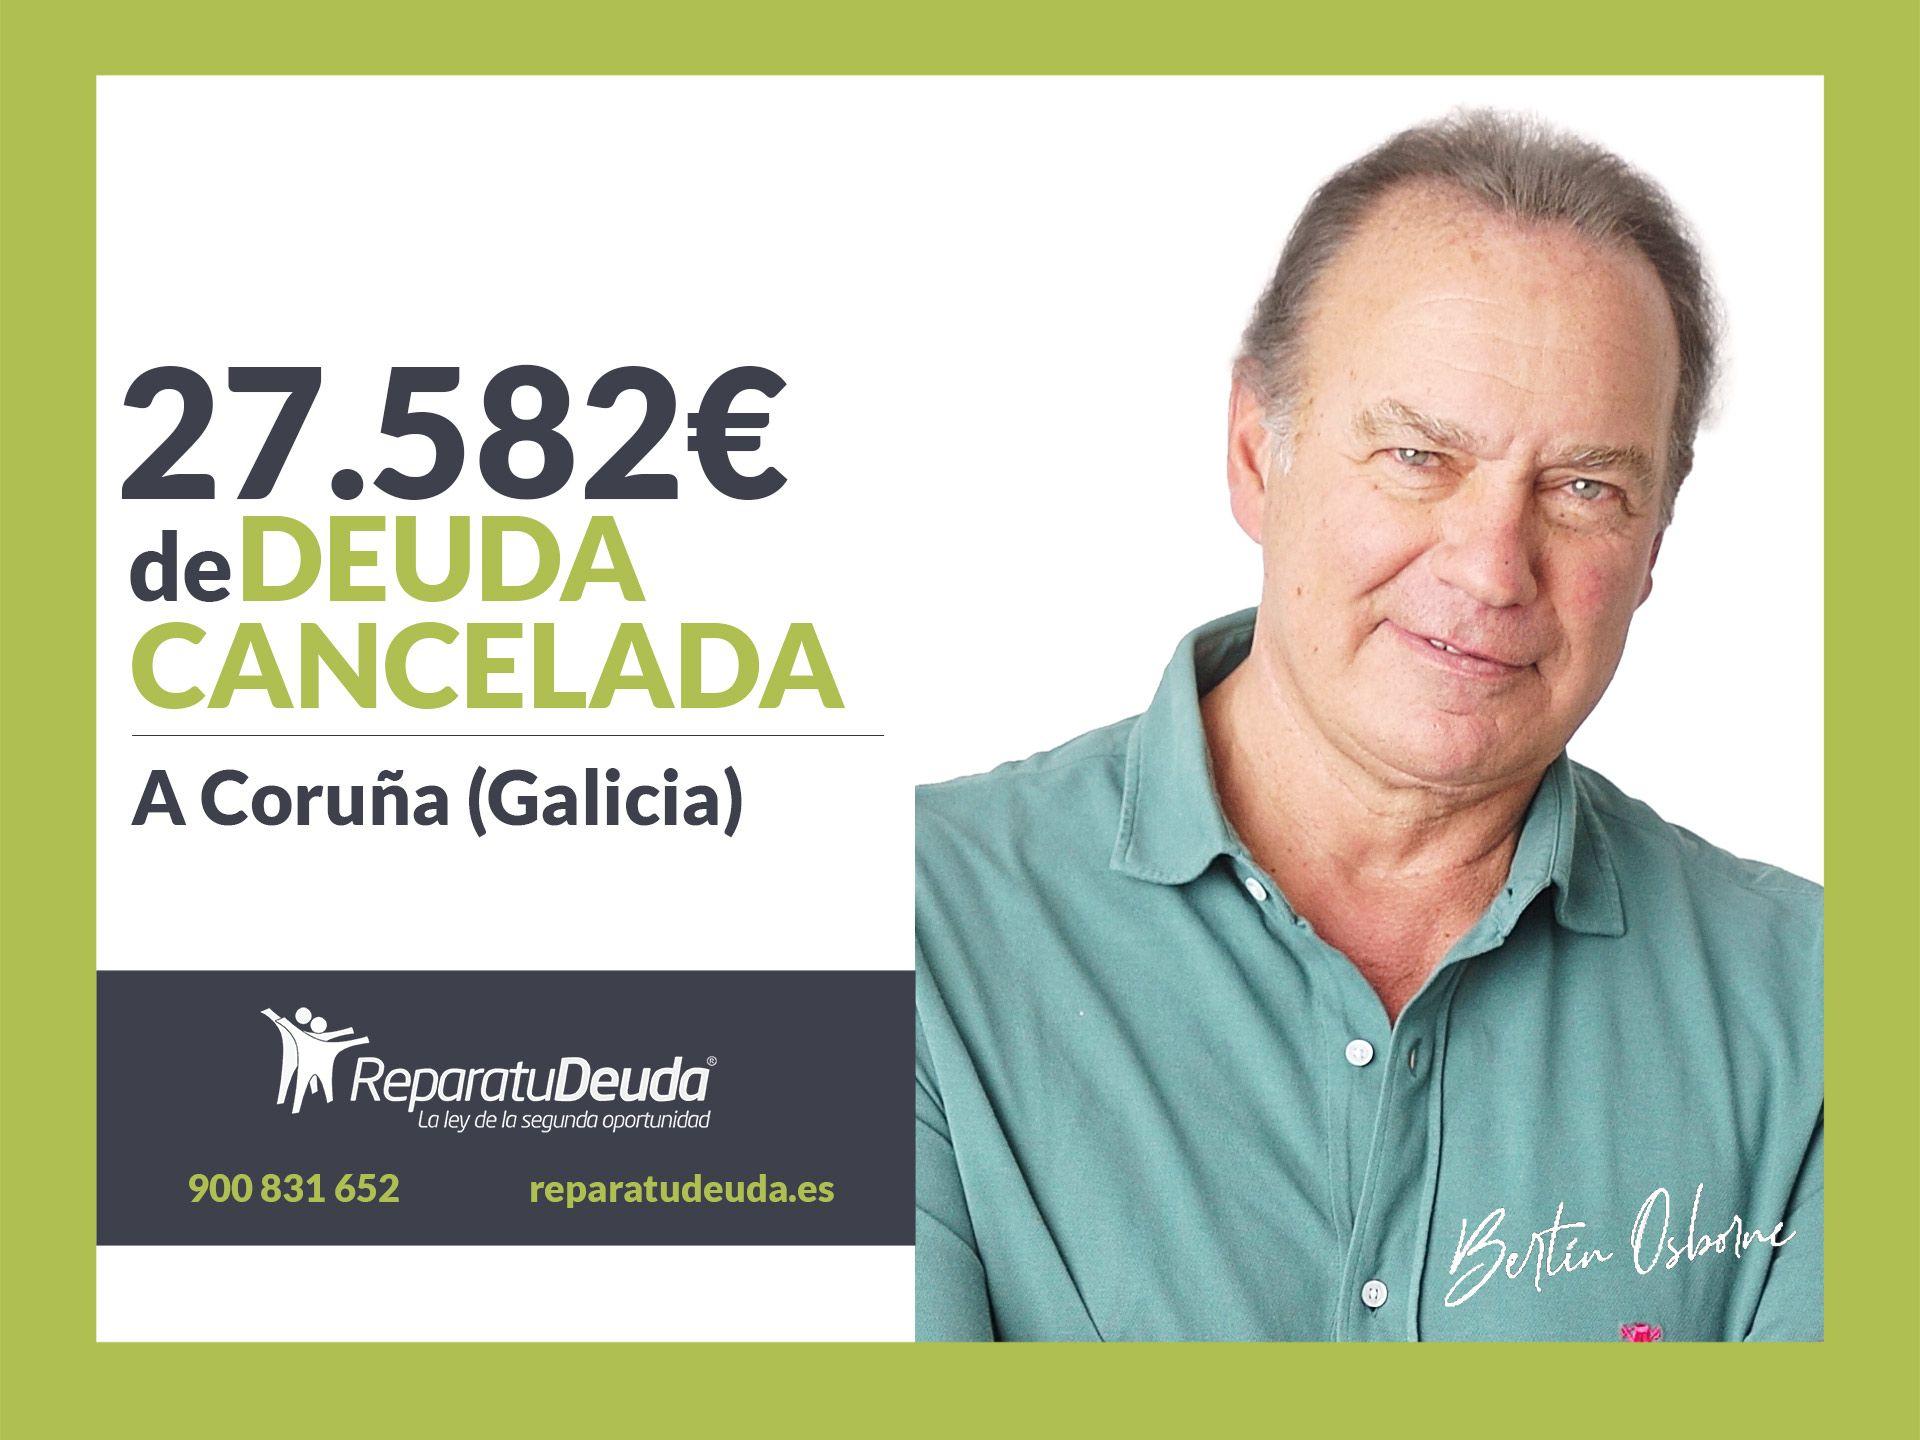 Repara tu Deuda Abogados cancela 27.582€ en A Coruña (Galicia) con la Ley de Segunda Oportunidad